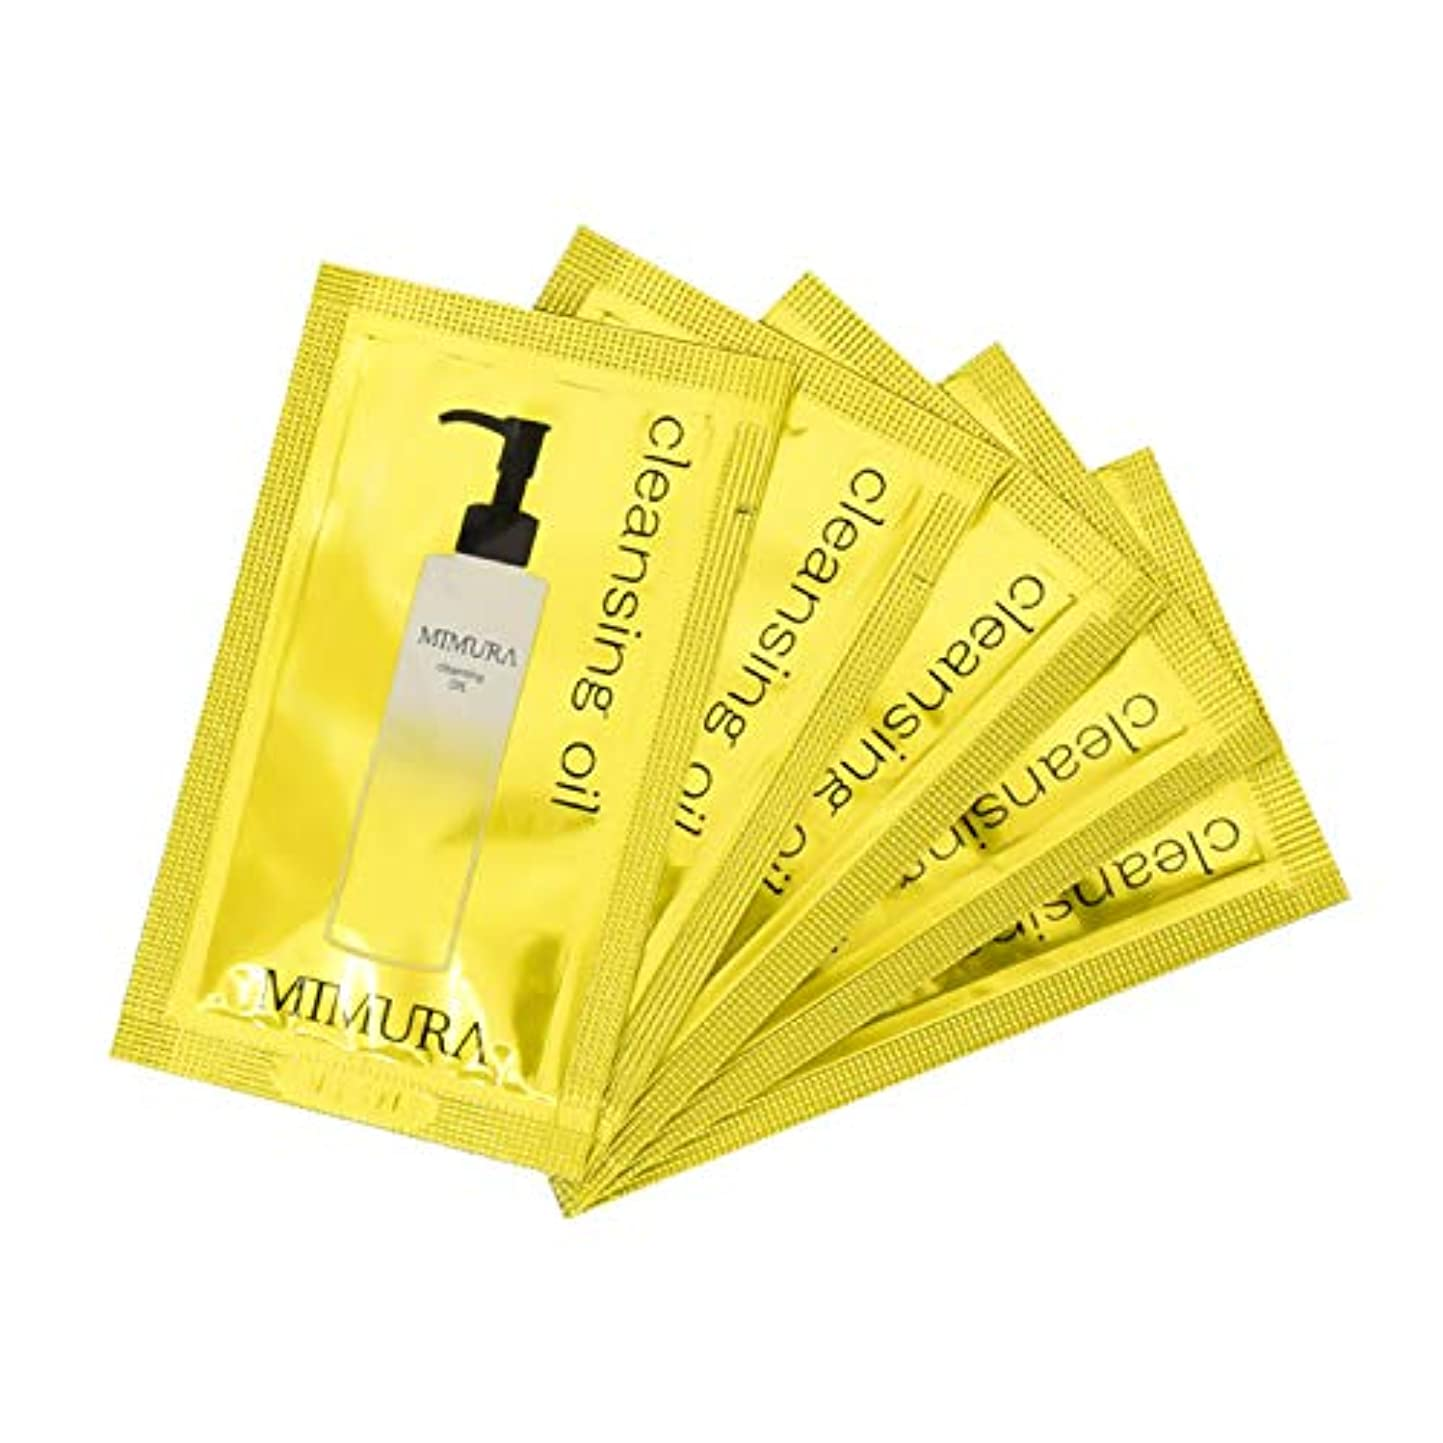 散髪象積極的にクレンジングオイル マツエク ok w洗顔不要 毛穴 メイク落とし ミムラ 試供品 5個入り ゆうパケット(ポスト投函)での発送となります。 MIMURA 日本製 ※おひとり様1点、1回限りとなります。